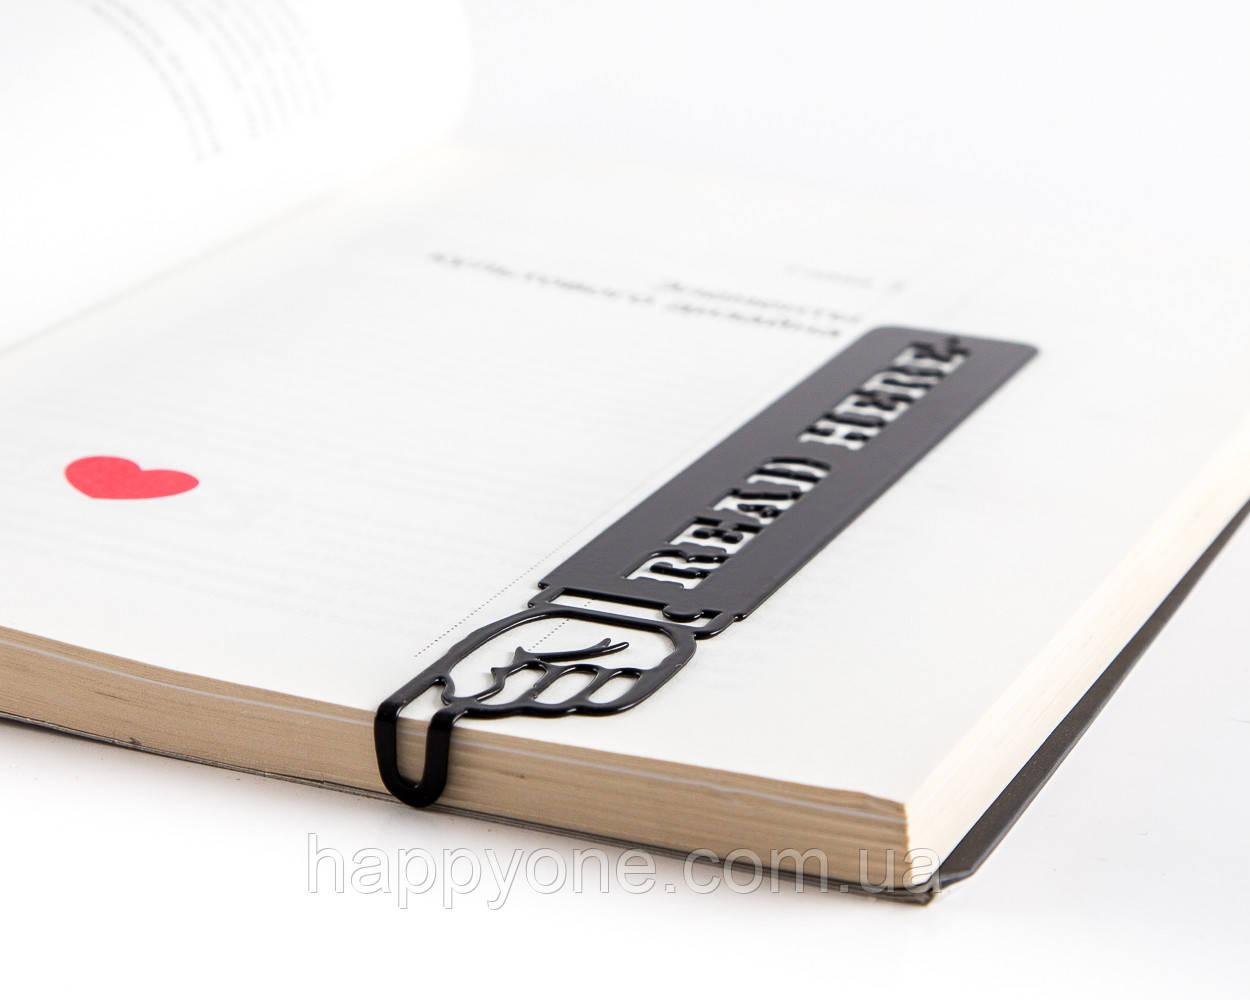 Закладка для книг Read Here